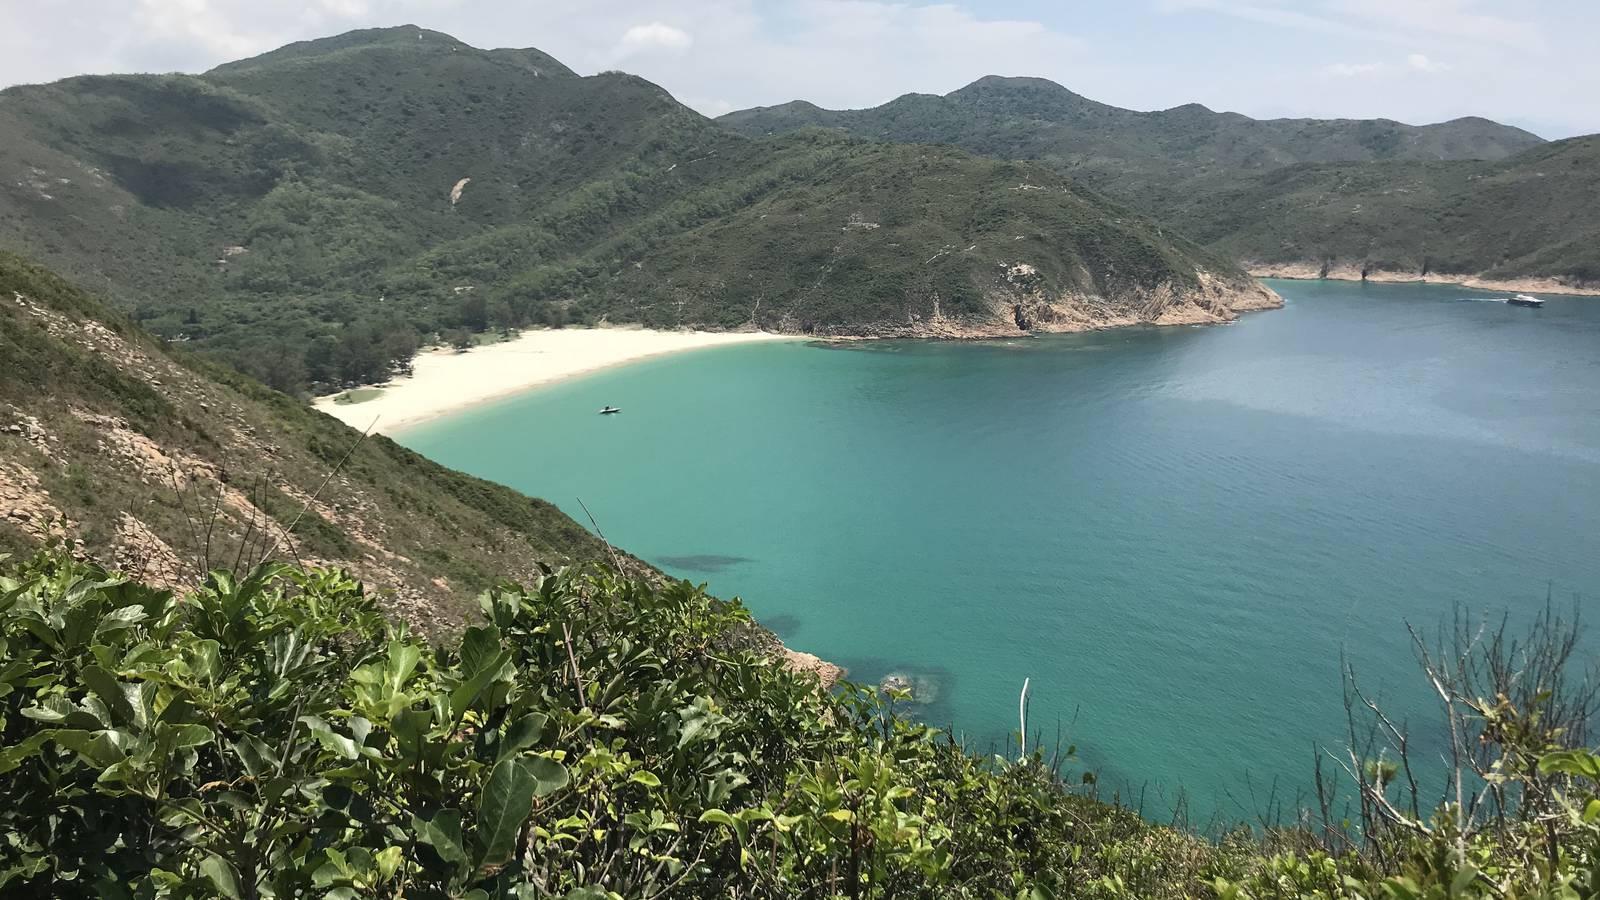 Karibik? Fehlanzeige. So sieht das Hinterland von Hong Kong aus (© Radio Argovia)